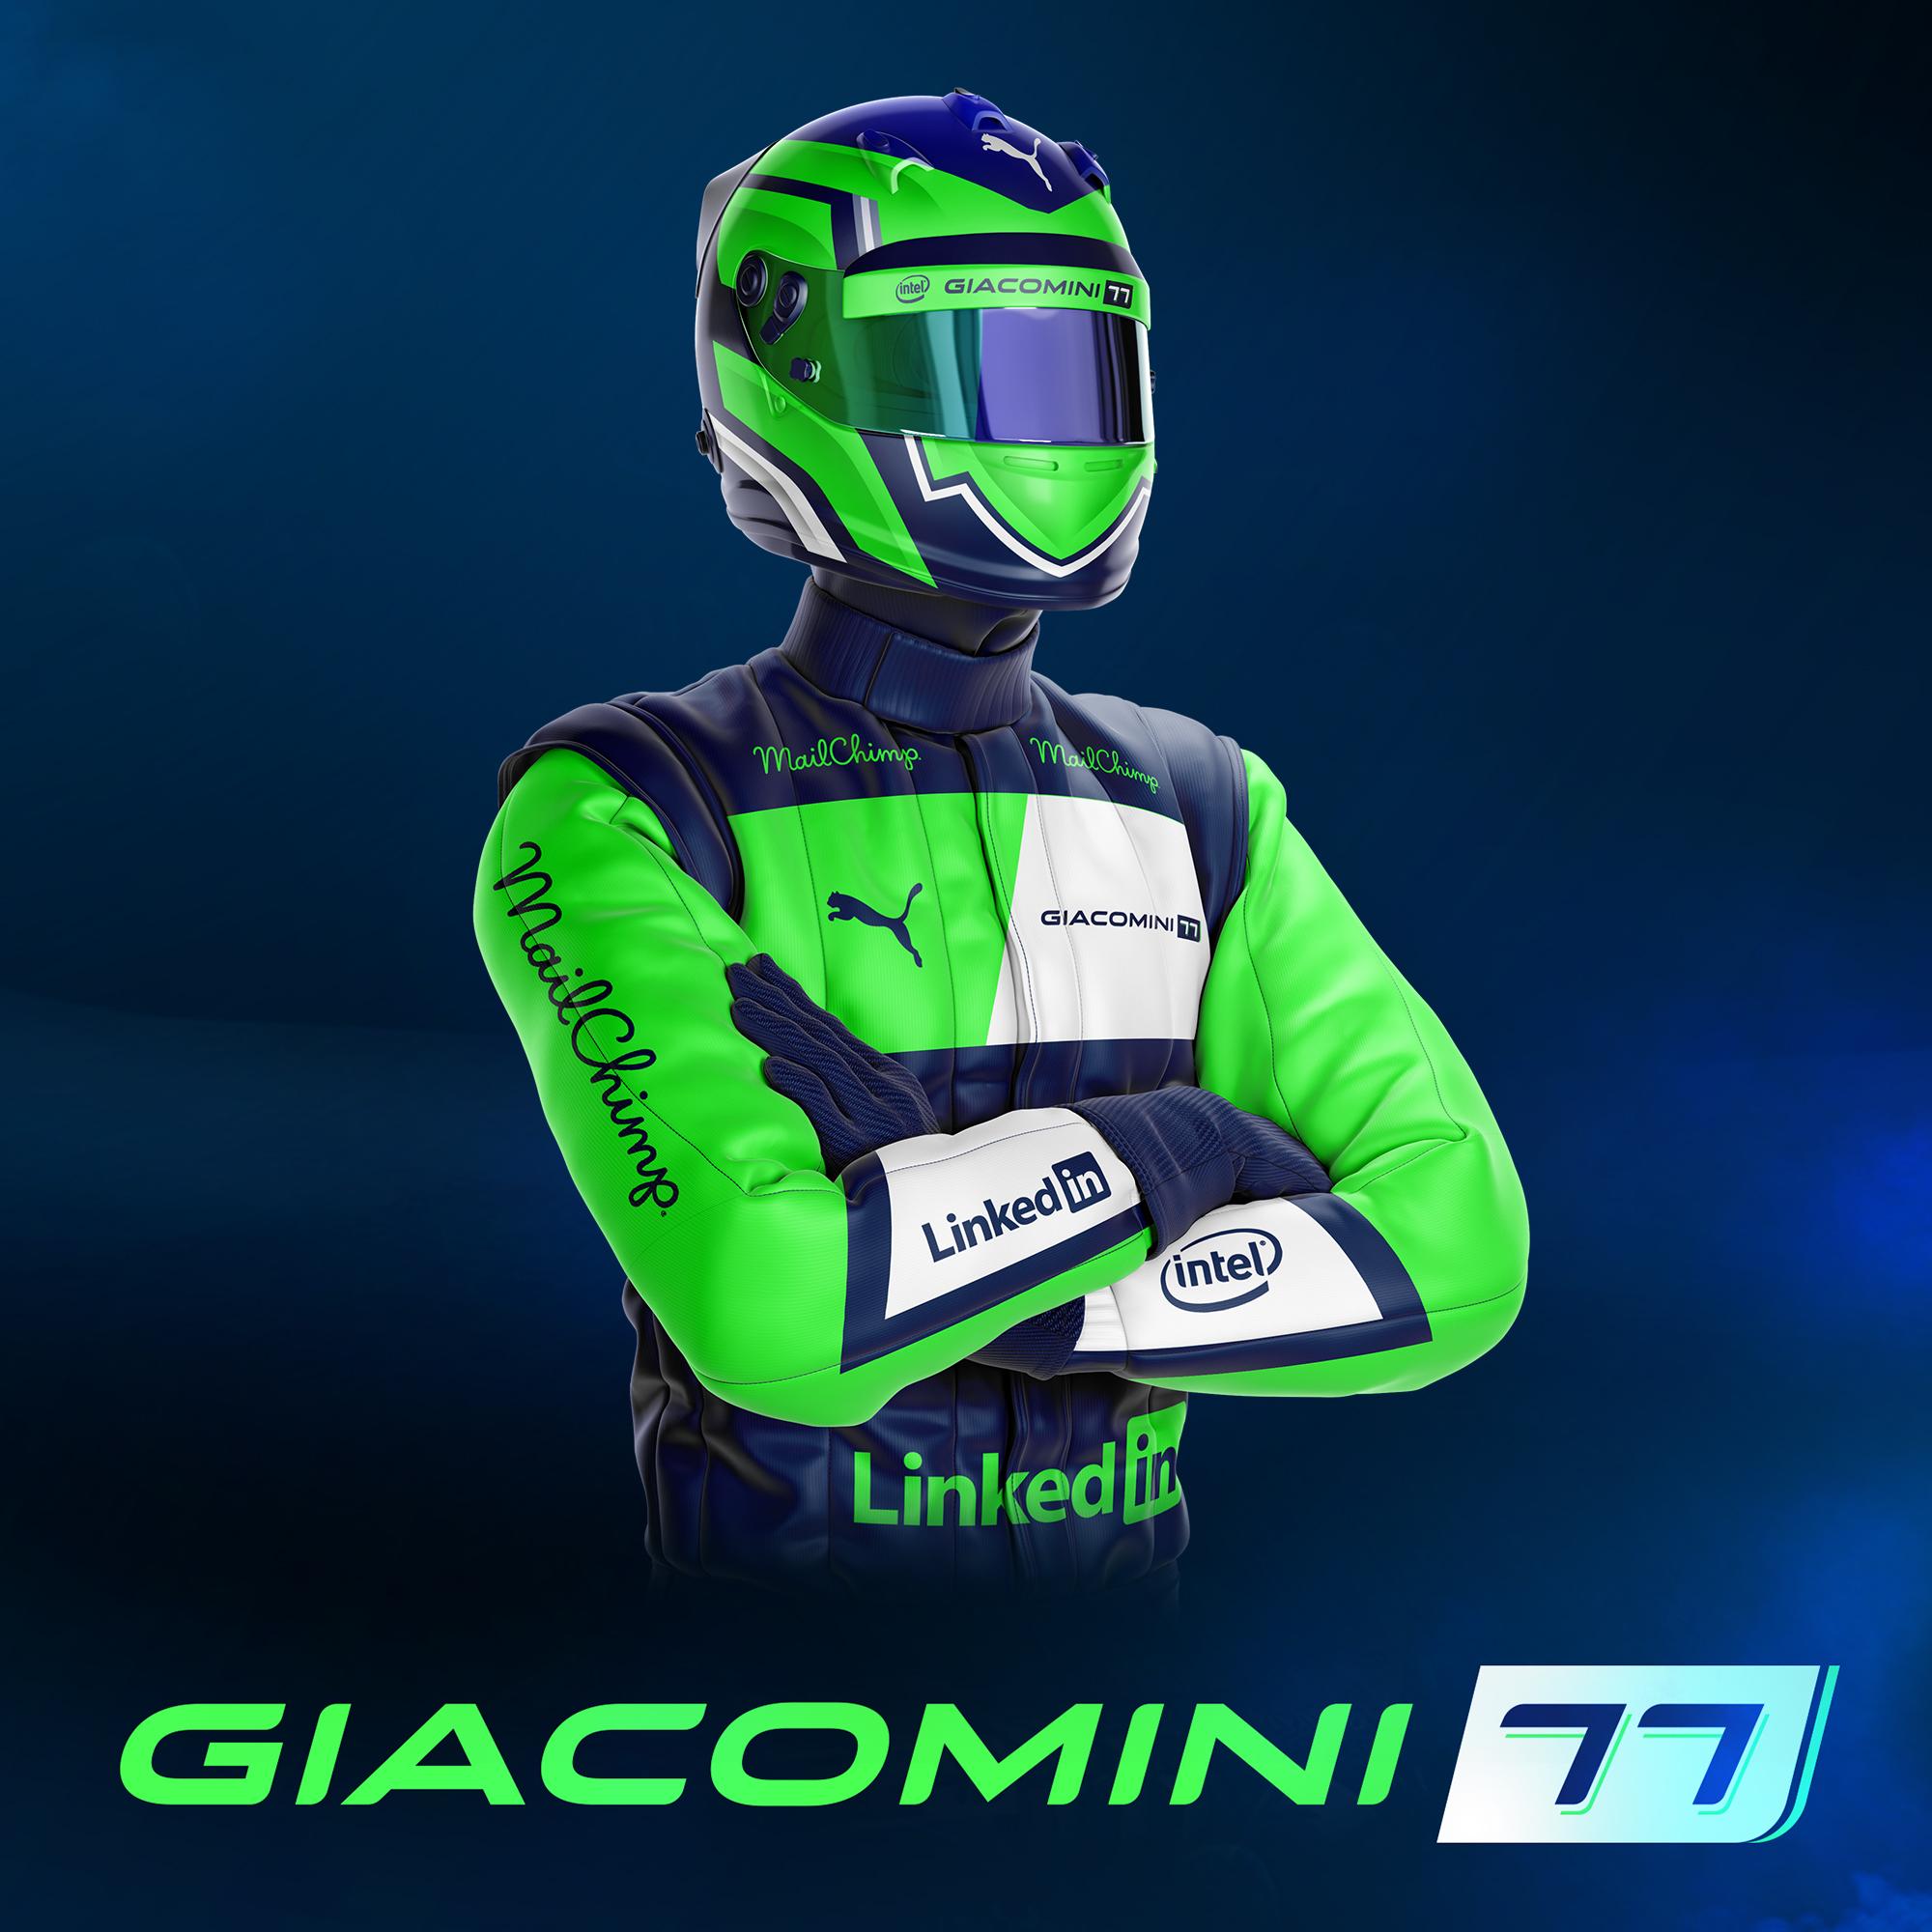 Branding Giacomini 77